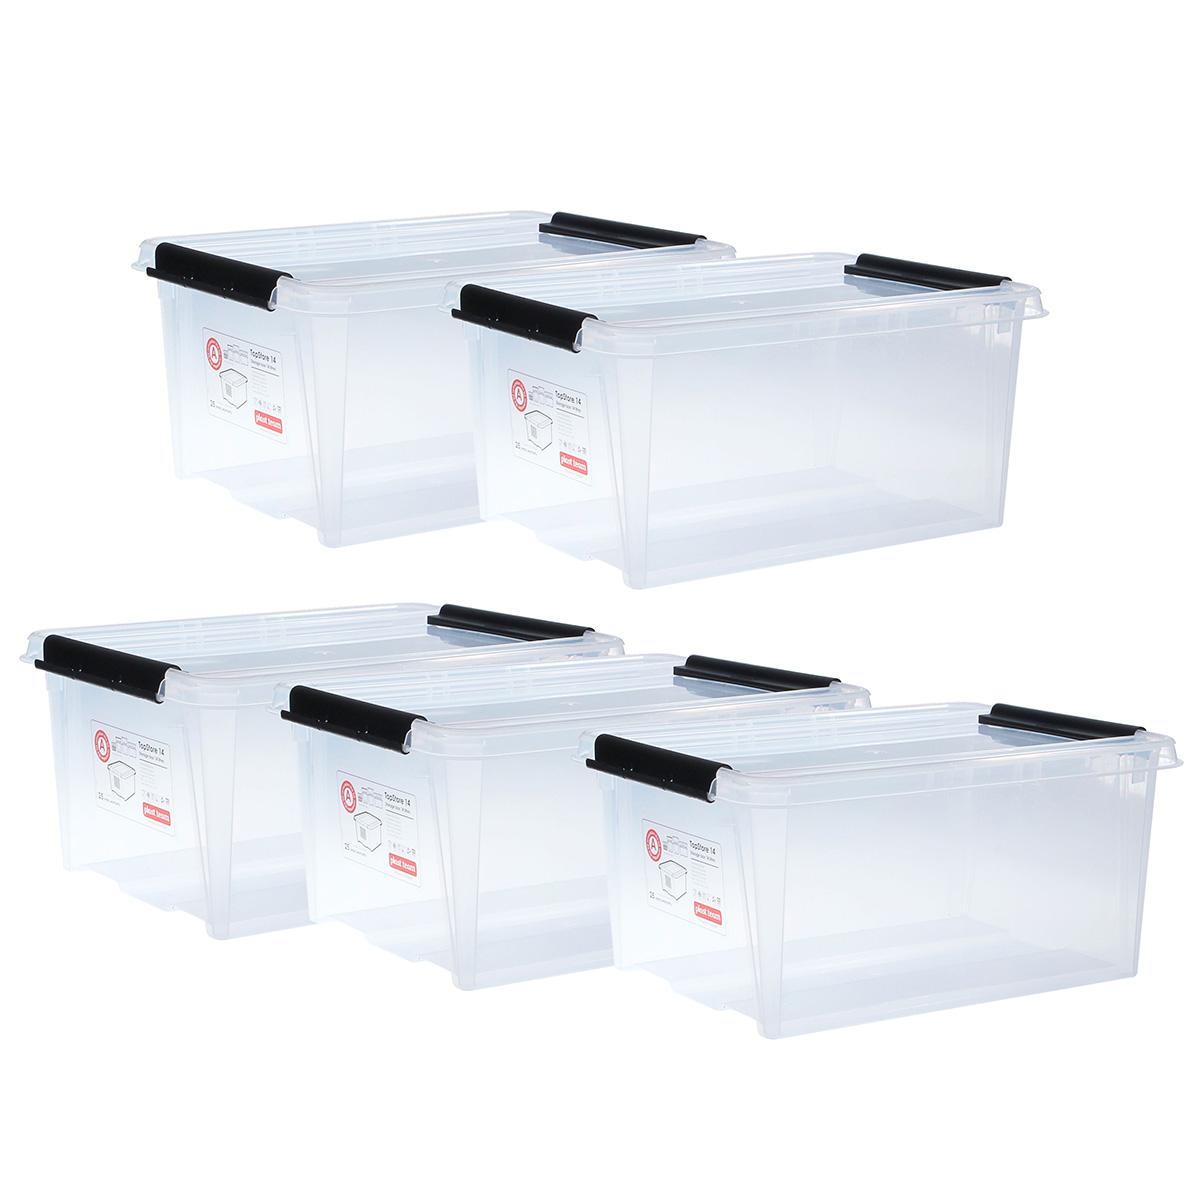 Billede af Top store opbevaringskasser - 14 liter